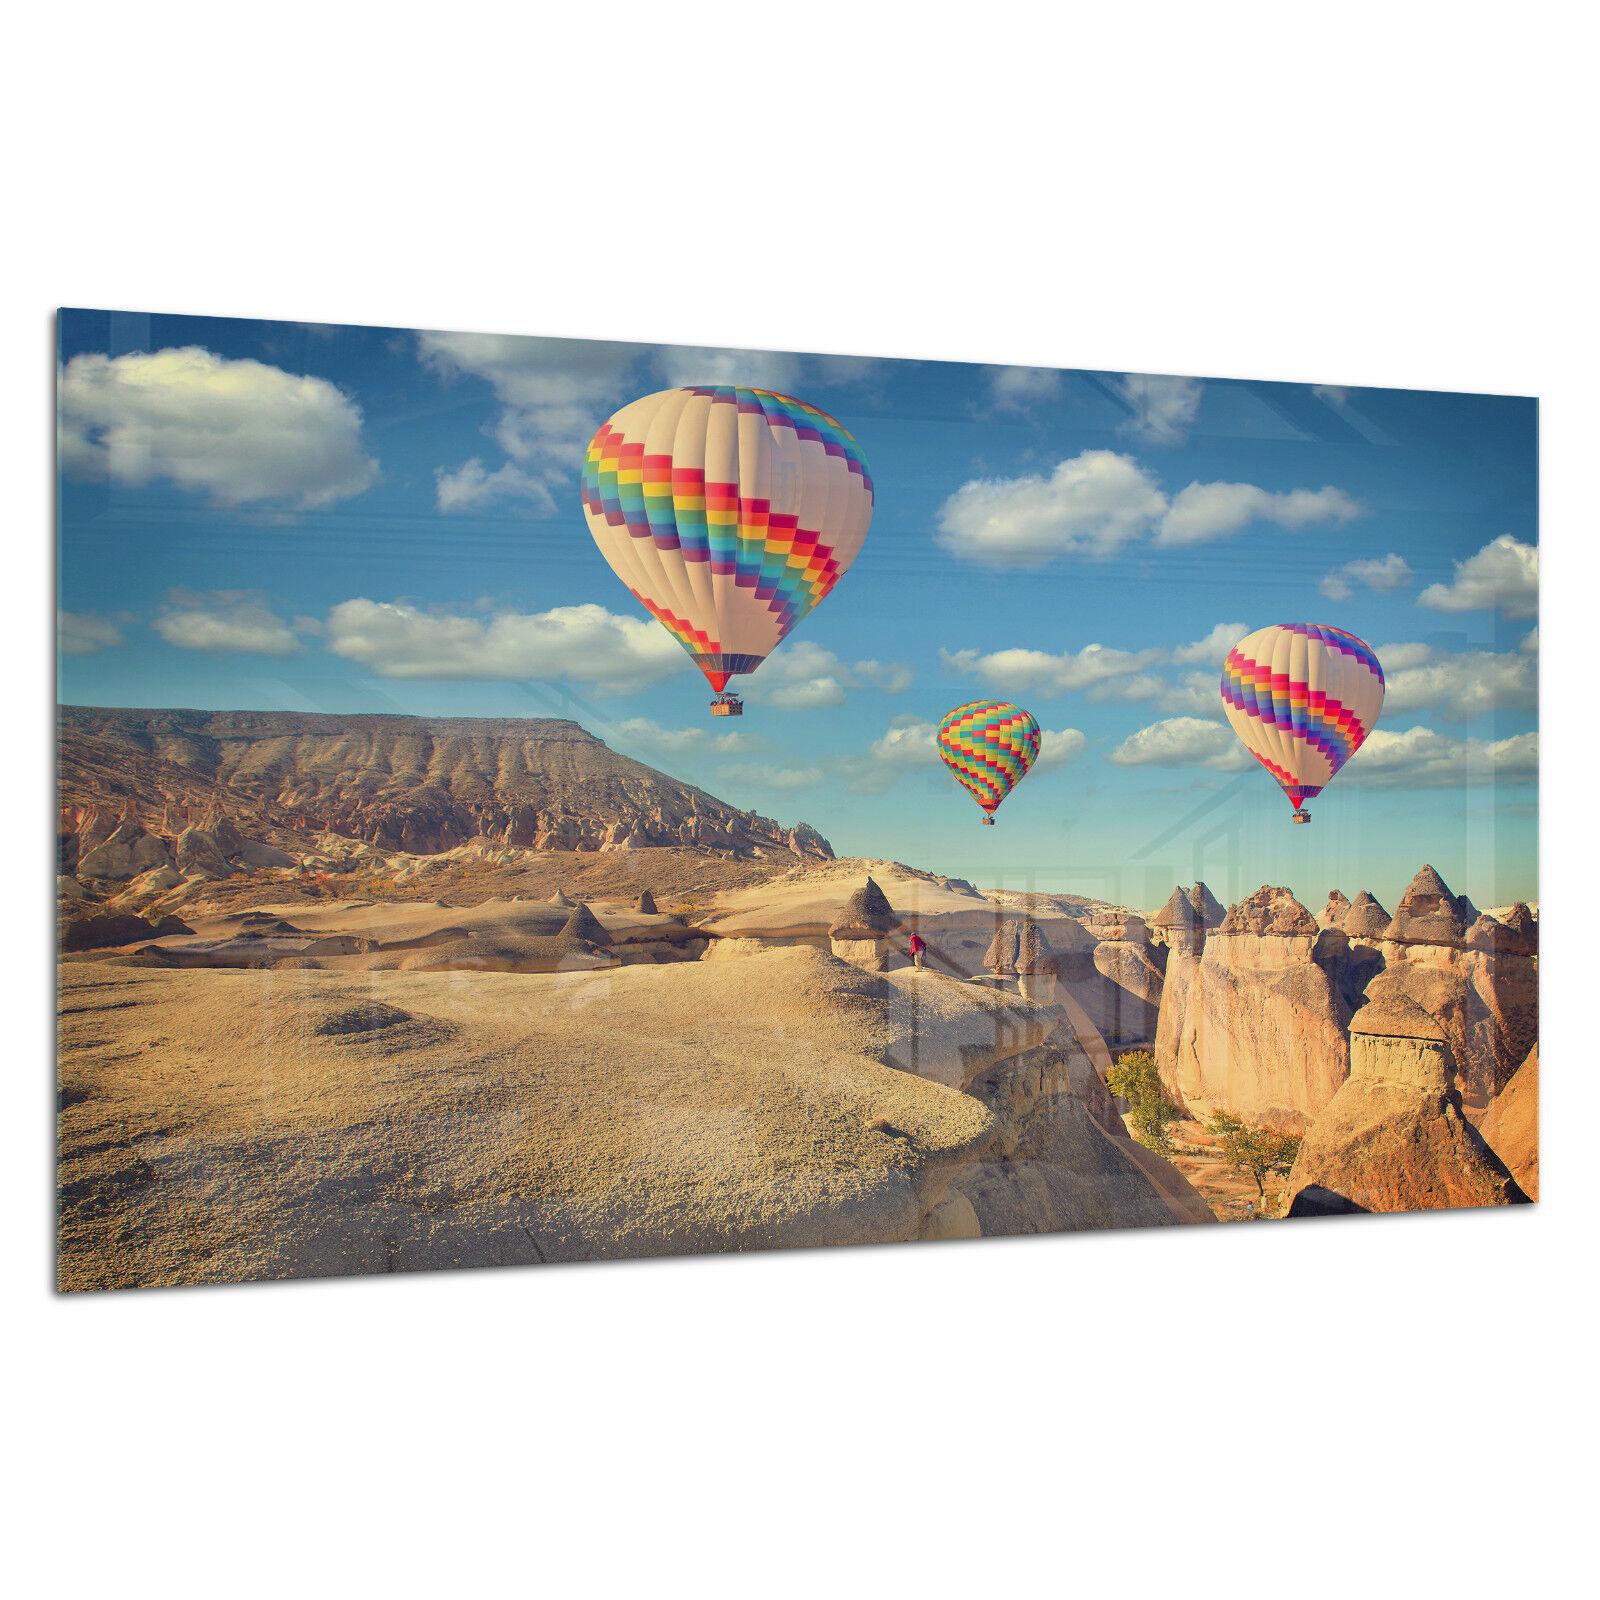 Vidrio templado Foto Impresión Parojo Arte Foto Globos Canyon Turquía Prizma GWA0347